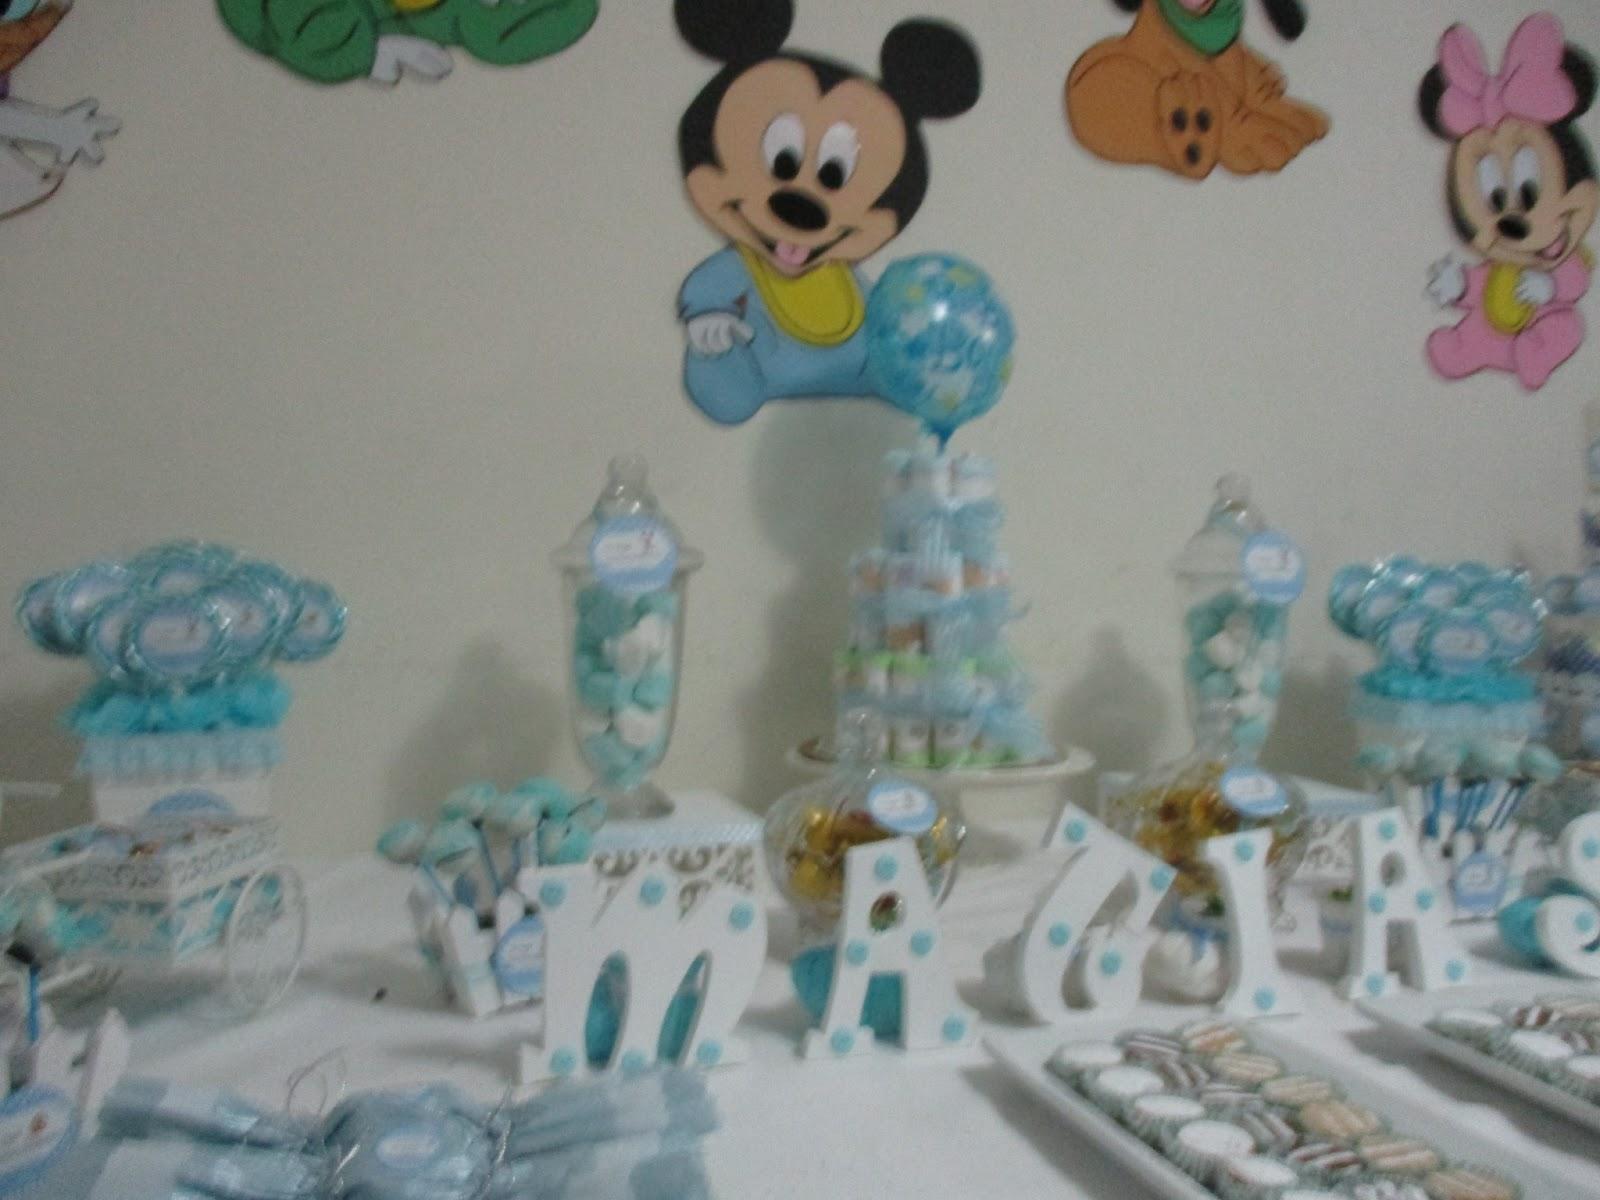 Decocolores decoraci n de fiestas infantiles bautizos for Decoracion de accesorios